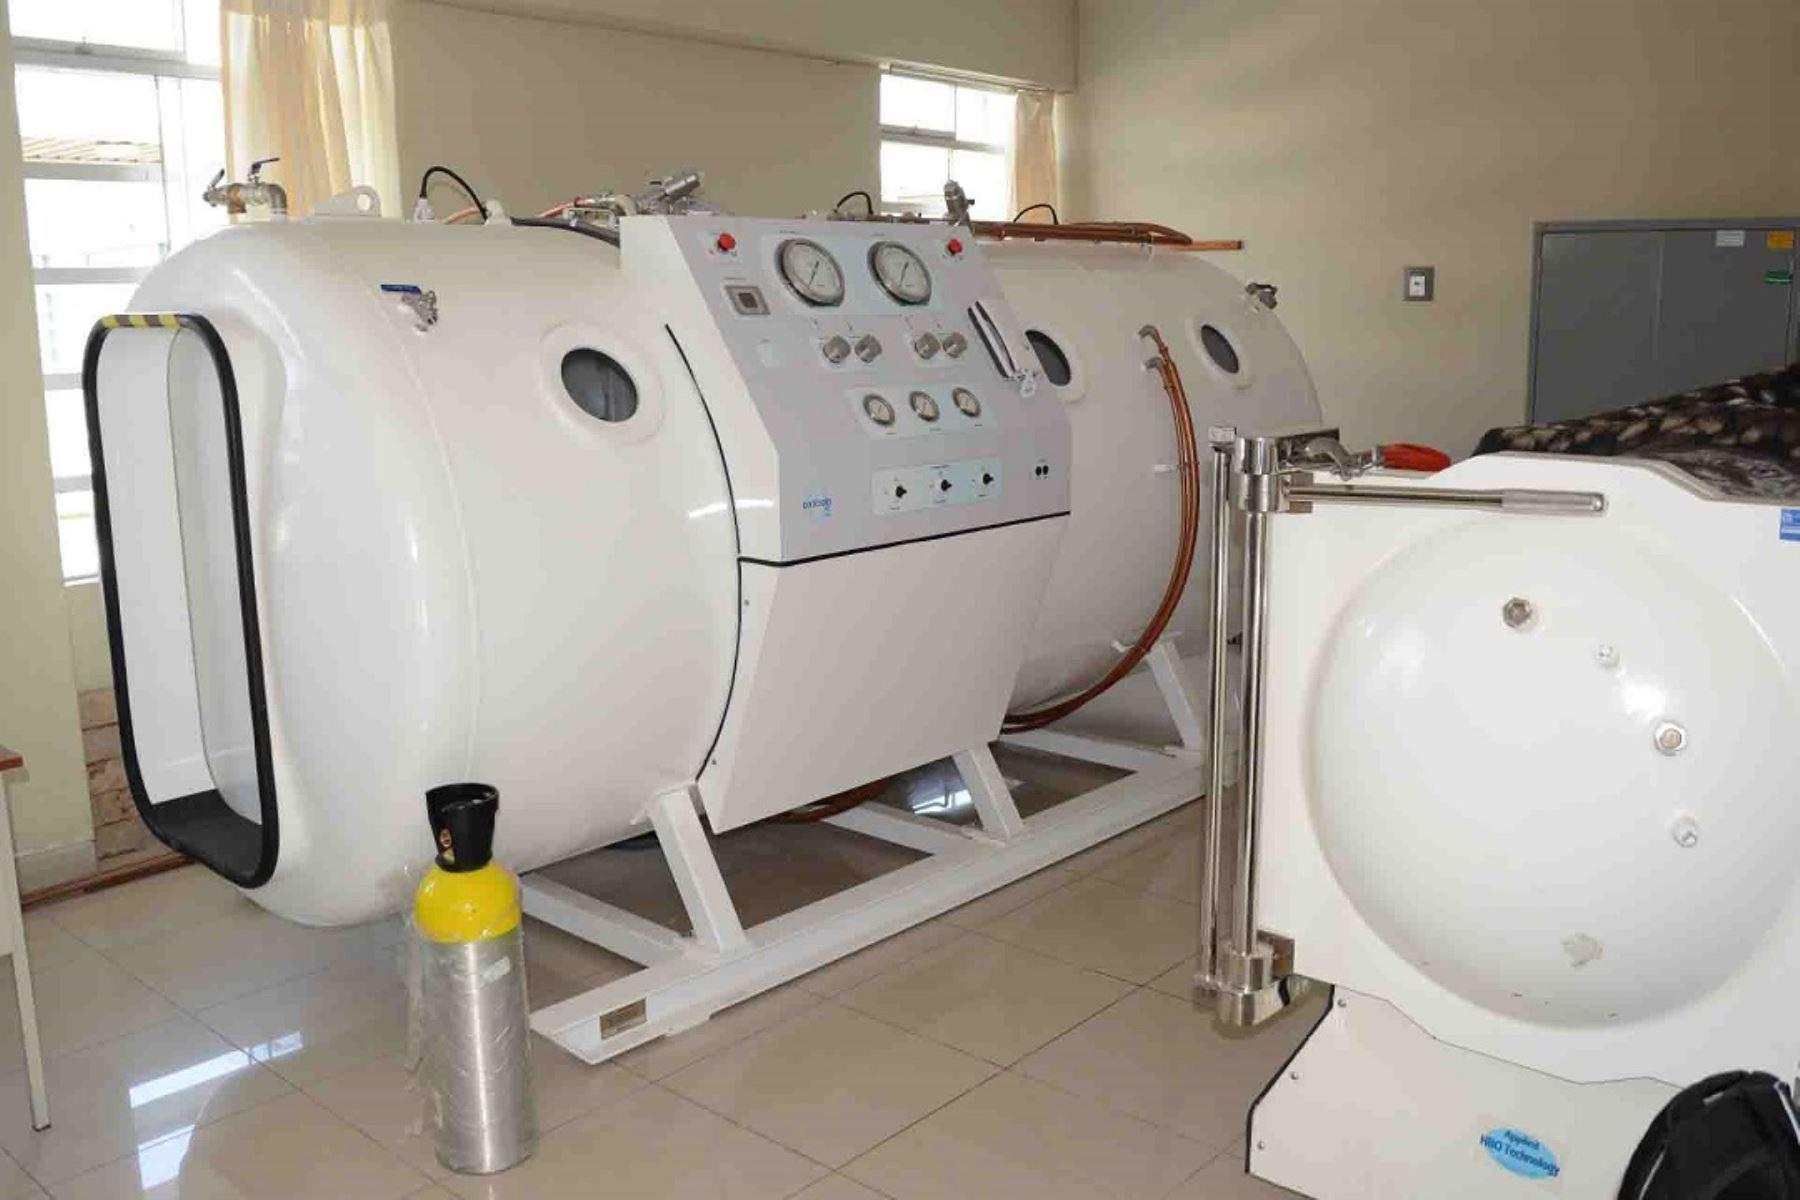 Nueva cámara hiperbárica en el Hospital San Juan de Dios de Pisco. Carthago Servicios Técnicos. Instaladores de gas y equipos a presión en Cartagena.